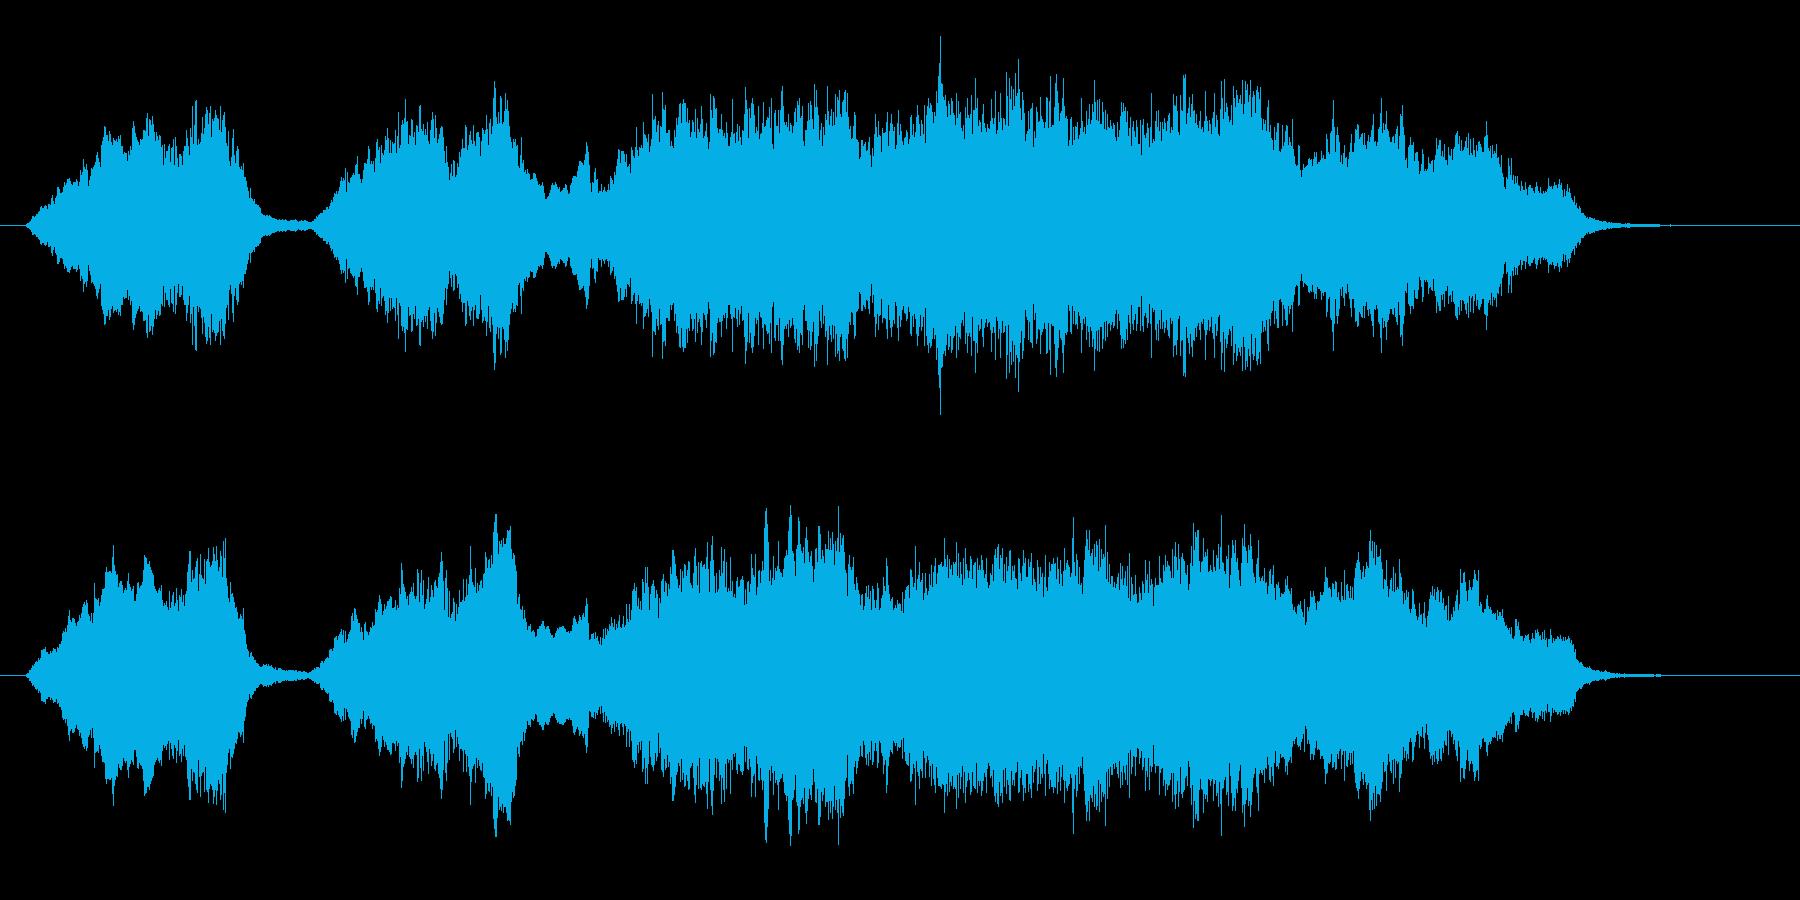 イントロダクション:壮大の再生済みの波形